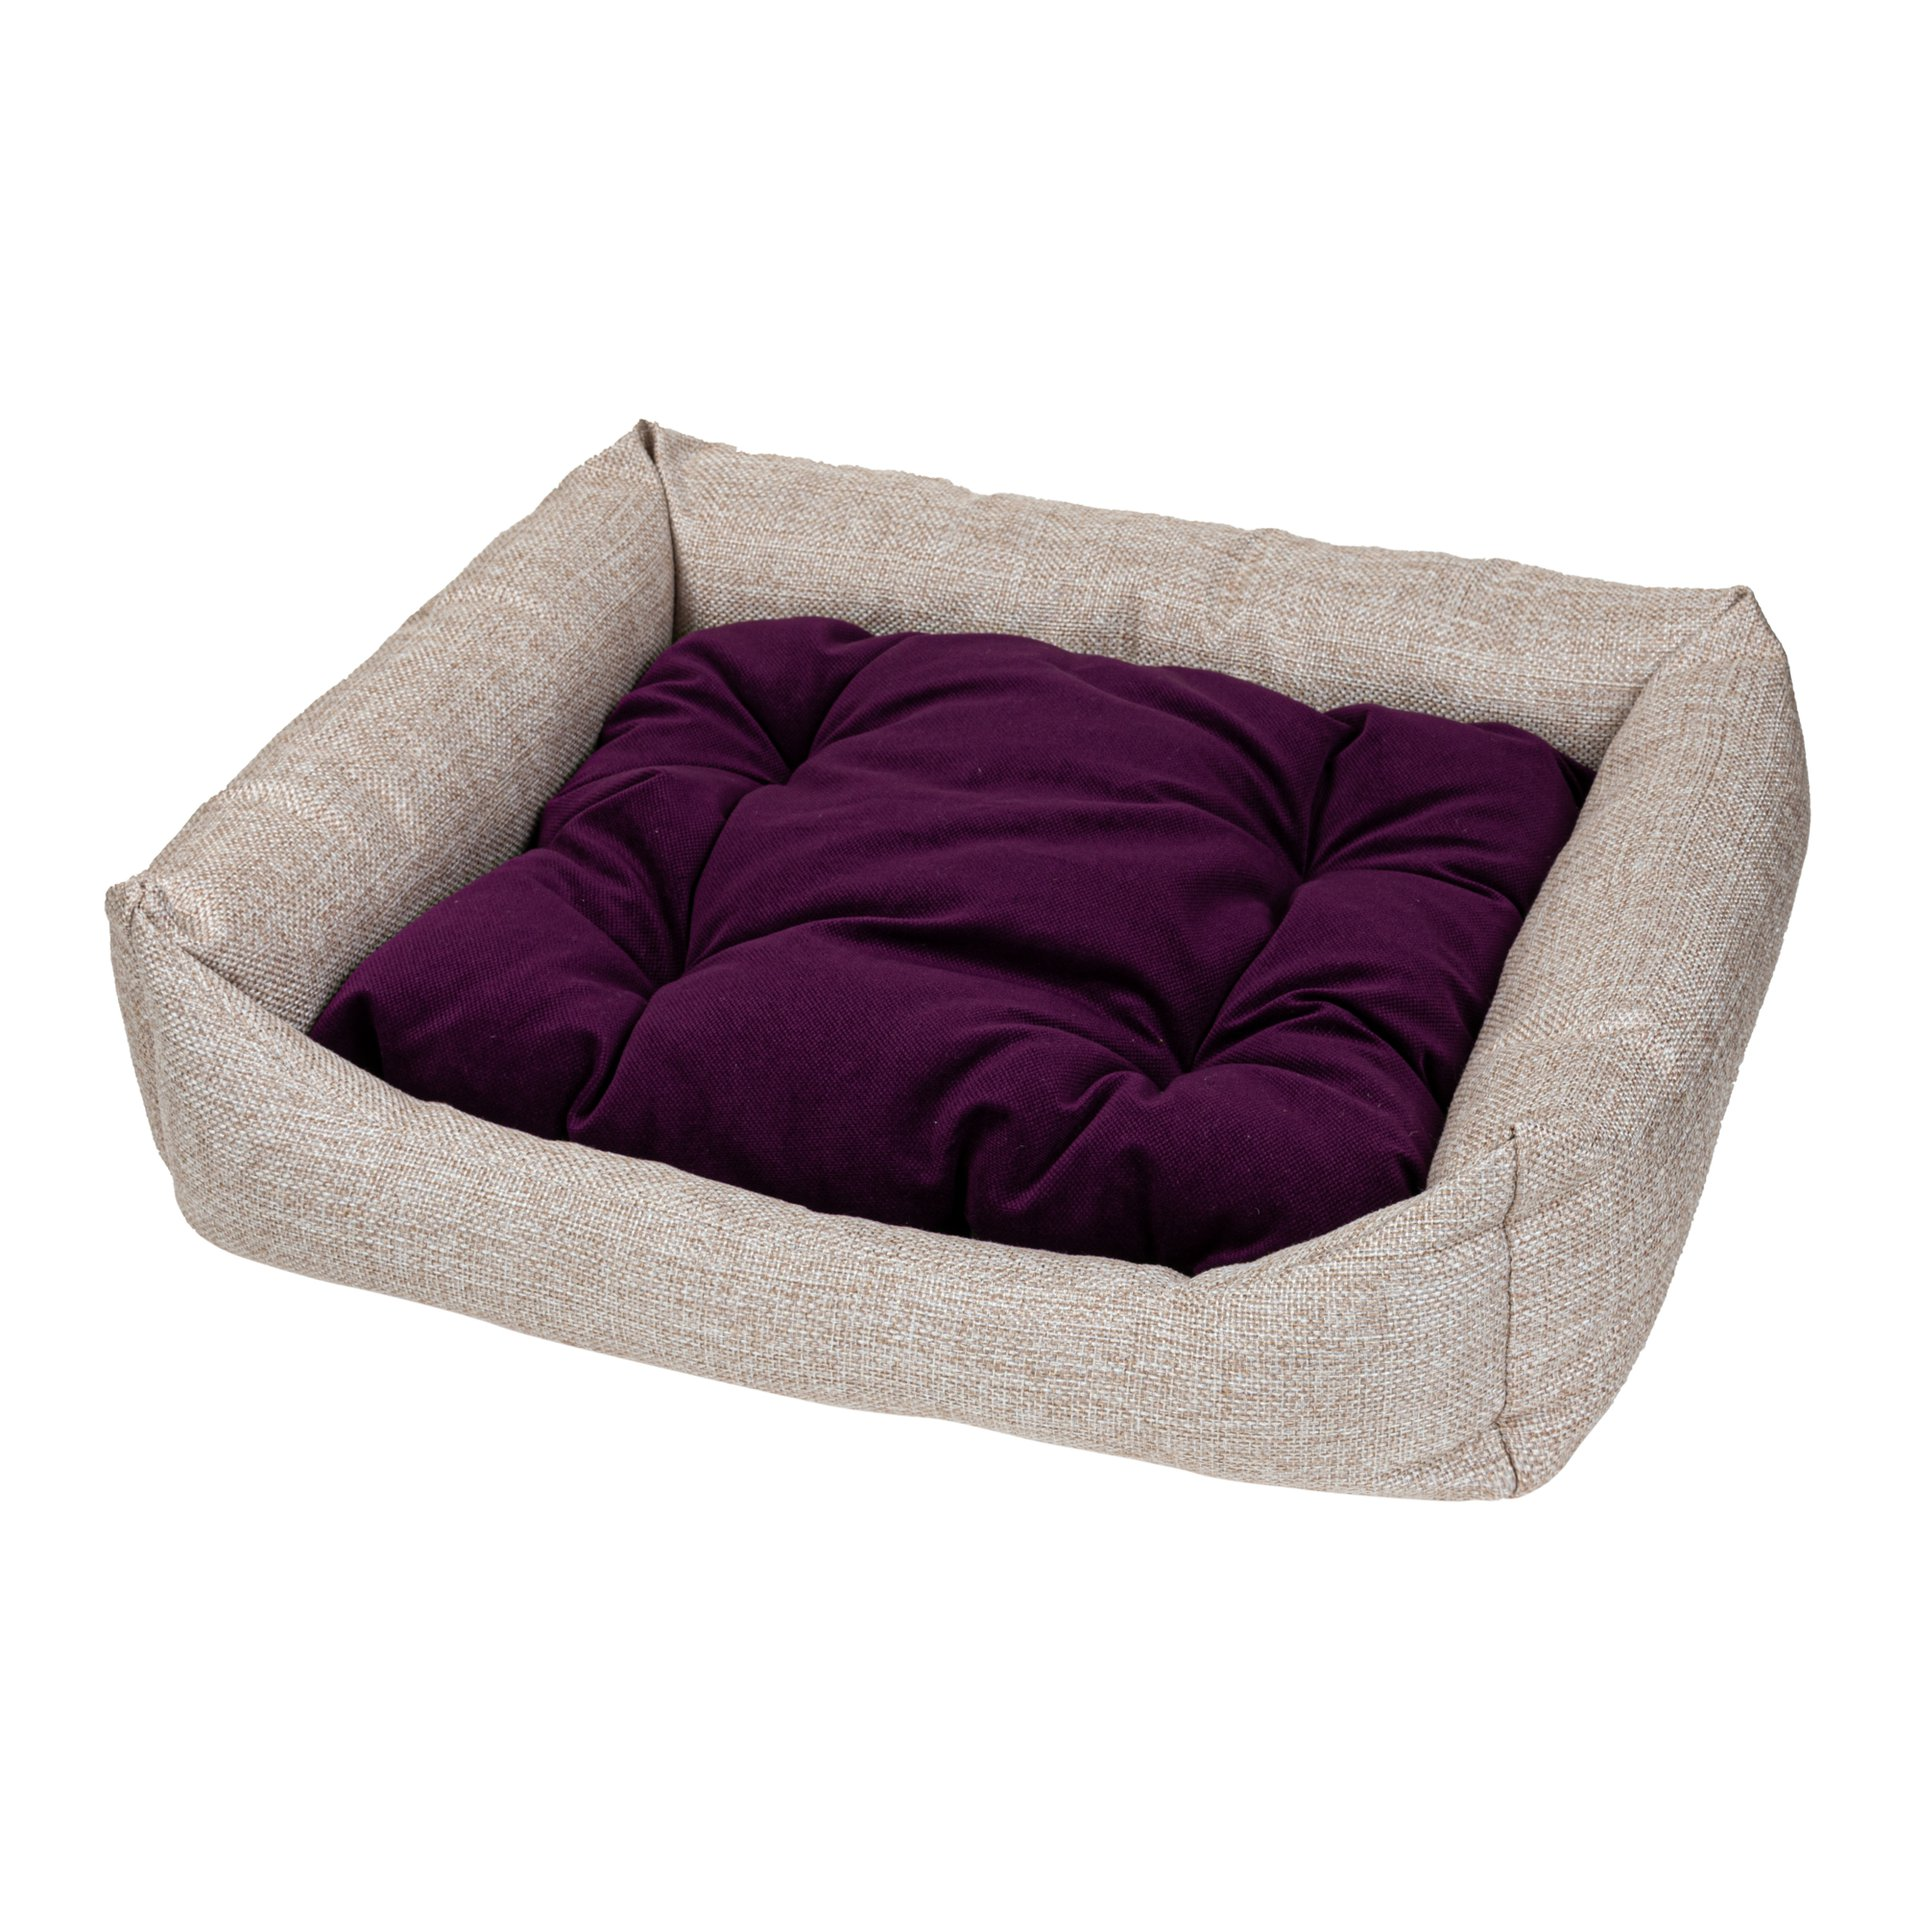 Лежак для собак Xody Люкс №6, флок, VIOLET, 100х90х28 см